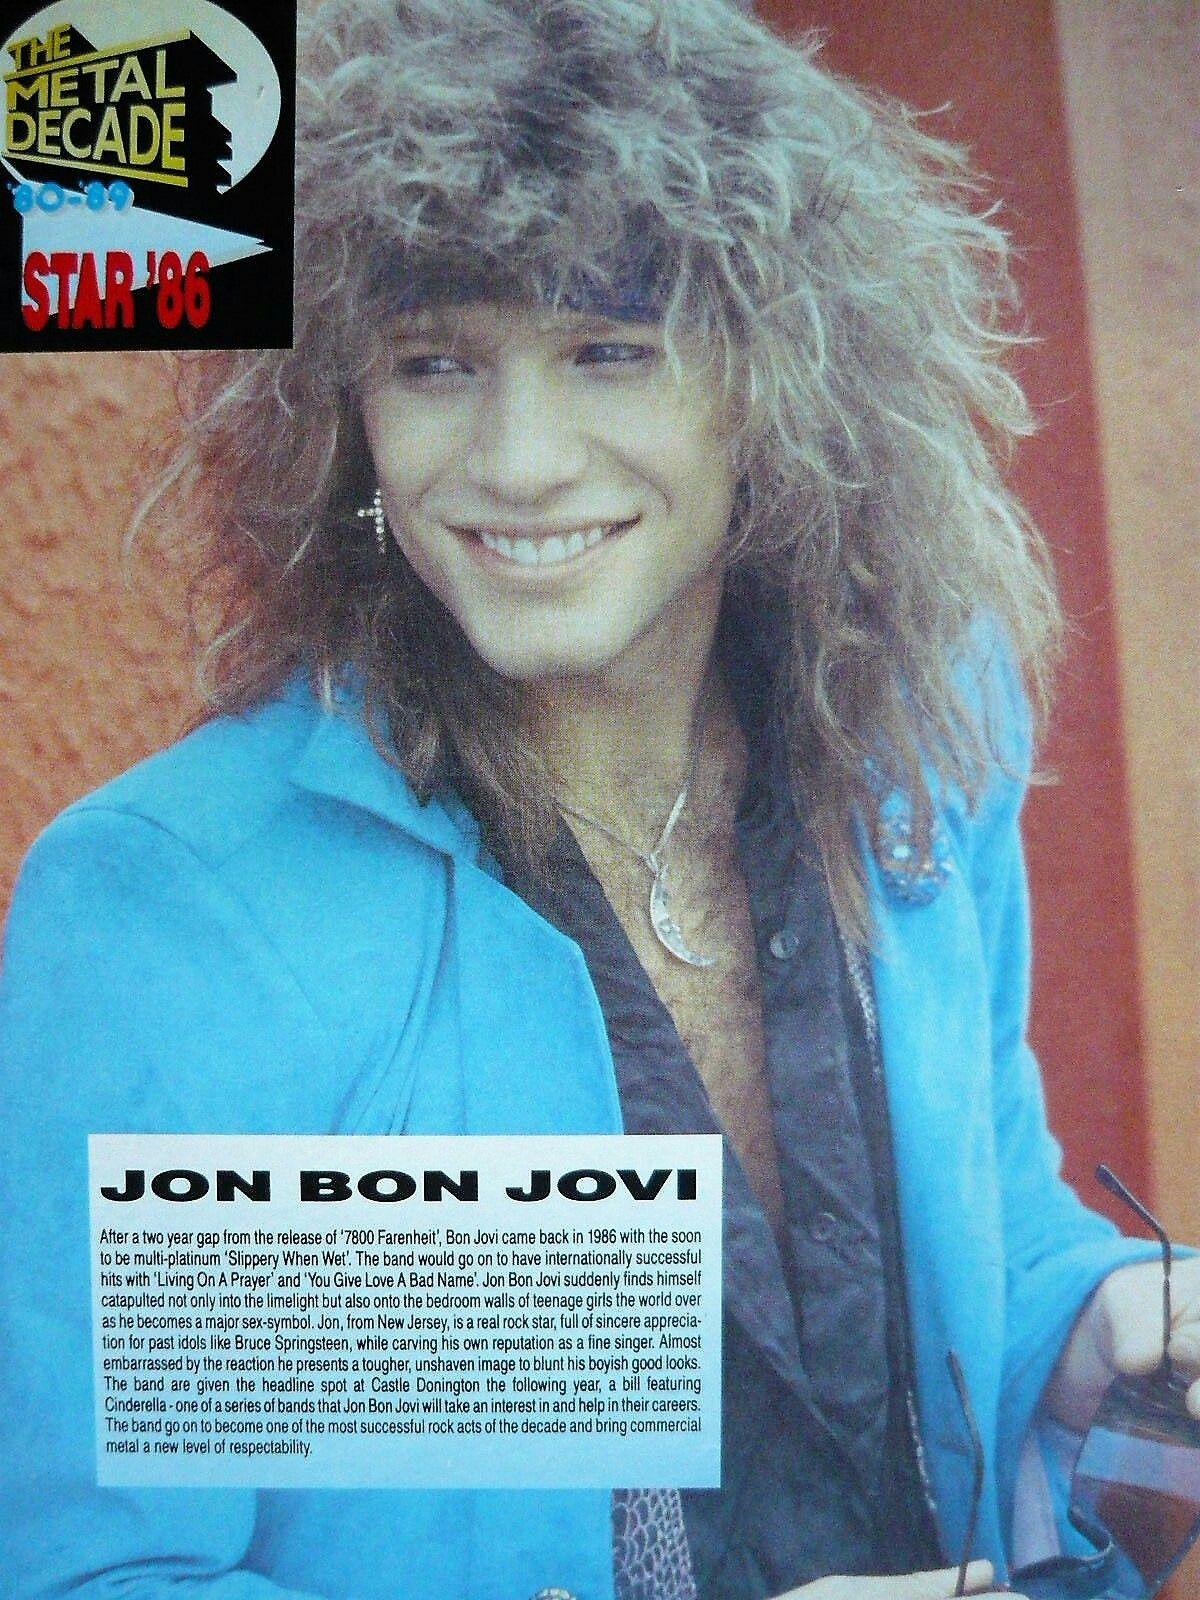 My man!! | **BON JOVI** | Pinterest | Bon jovi, Jon bon jovi and ...